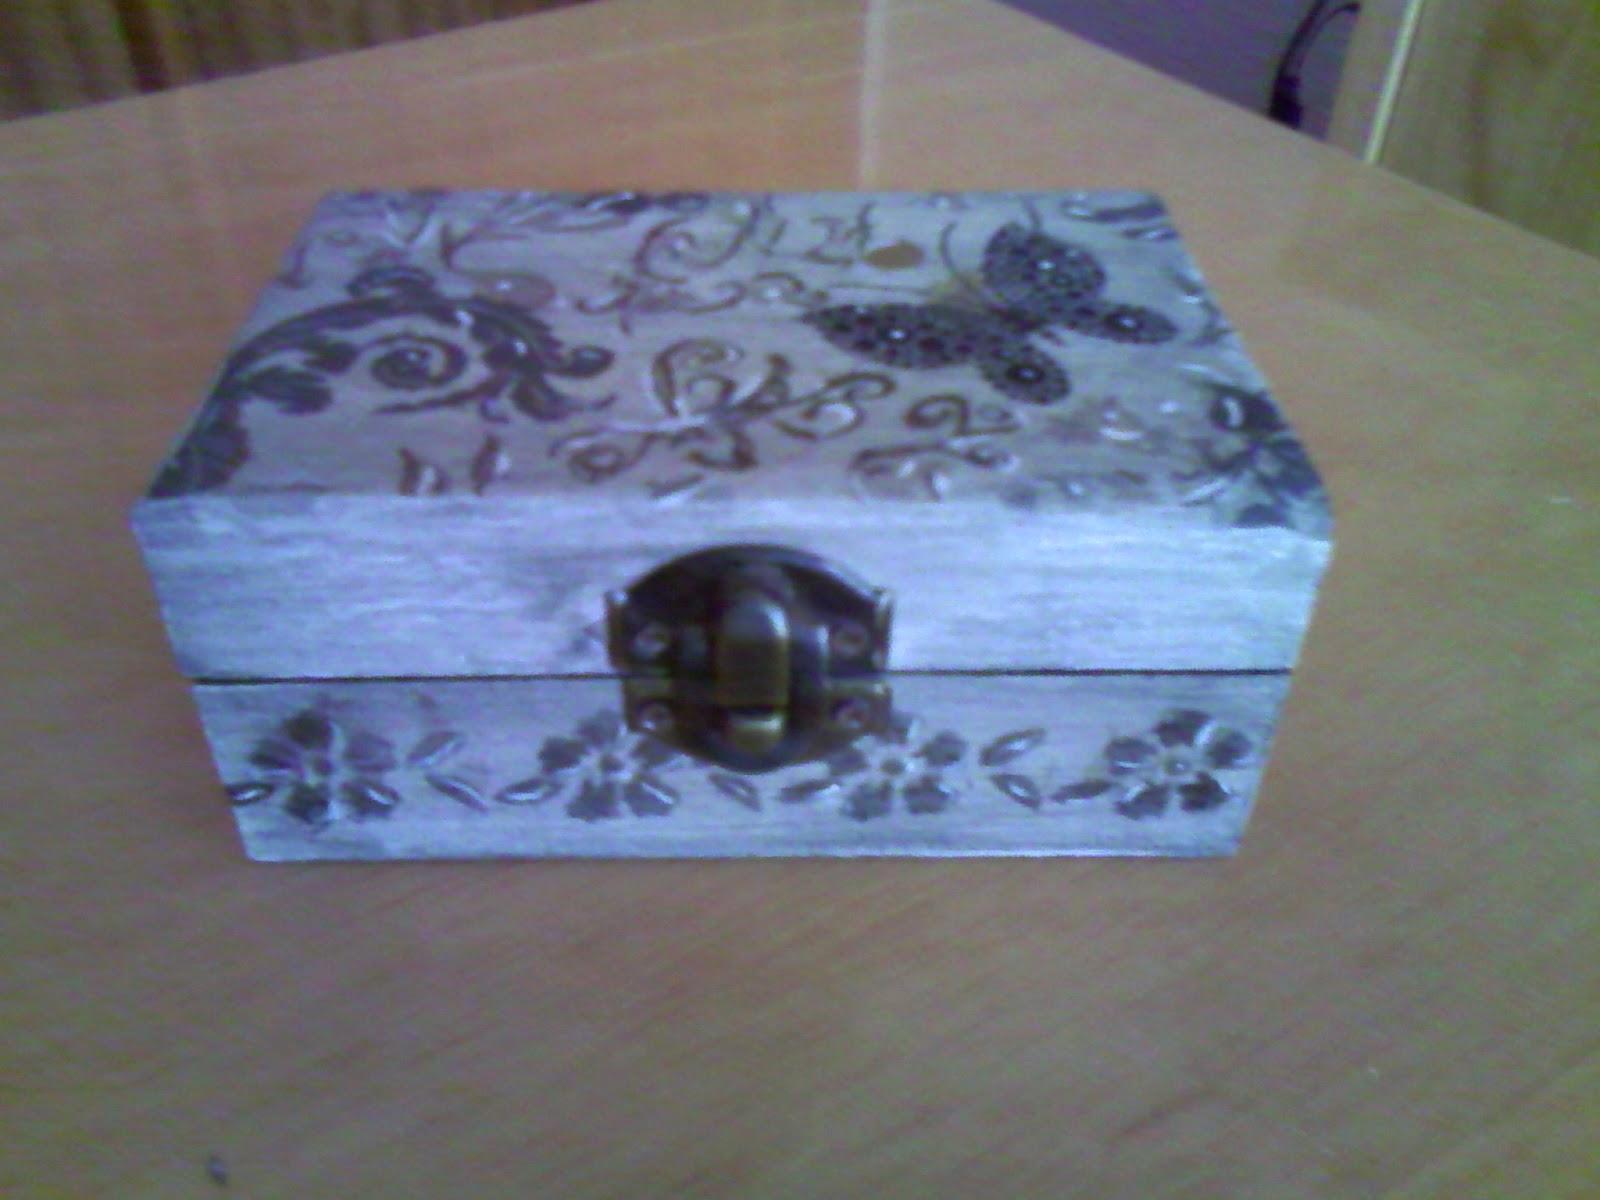 Manualidades adita cajas de madera - Caja madera manualidades ...